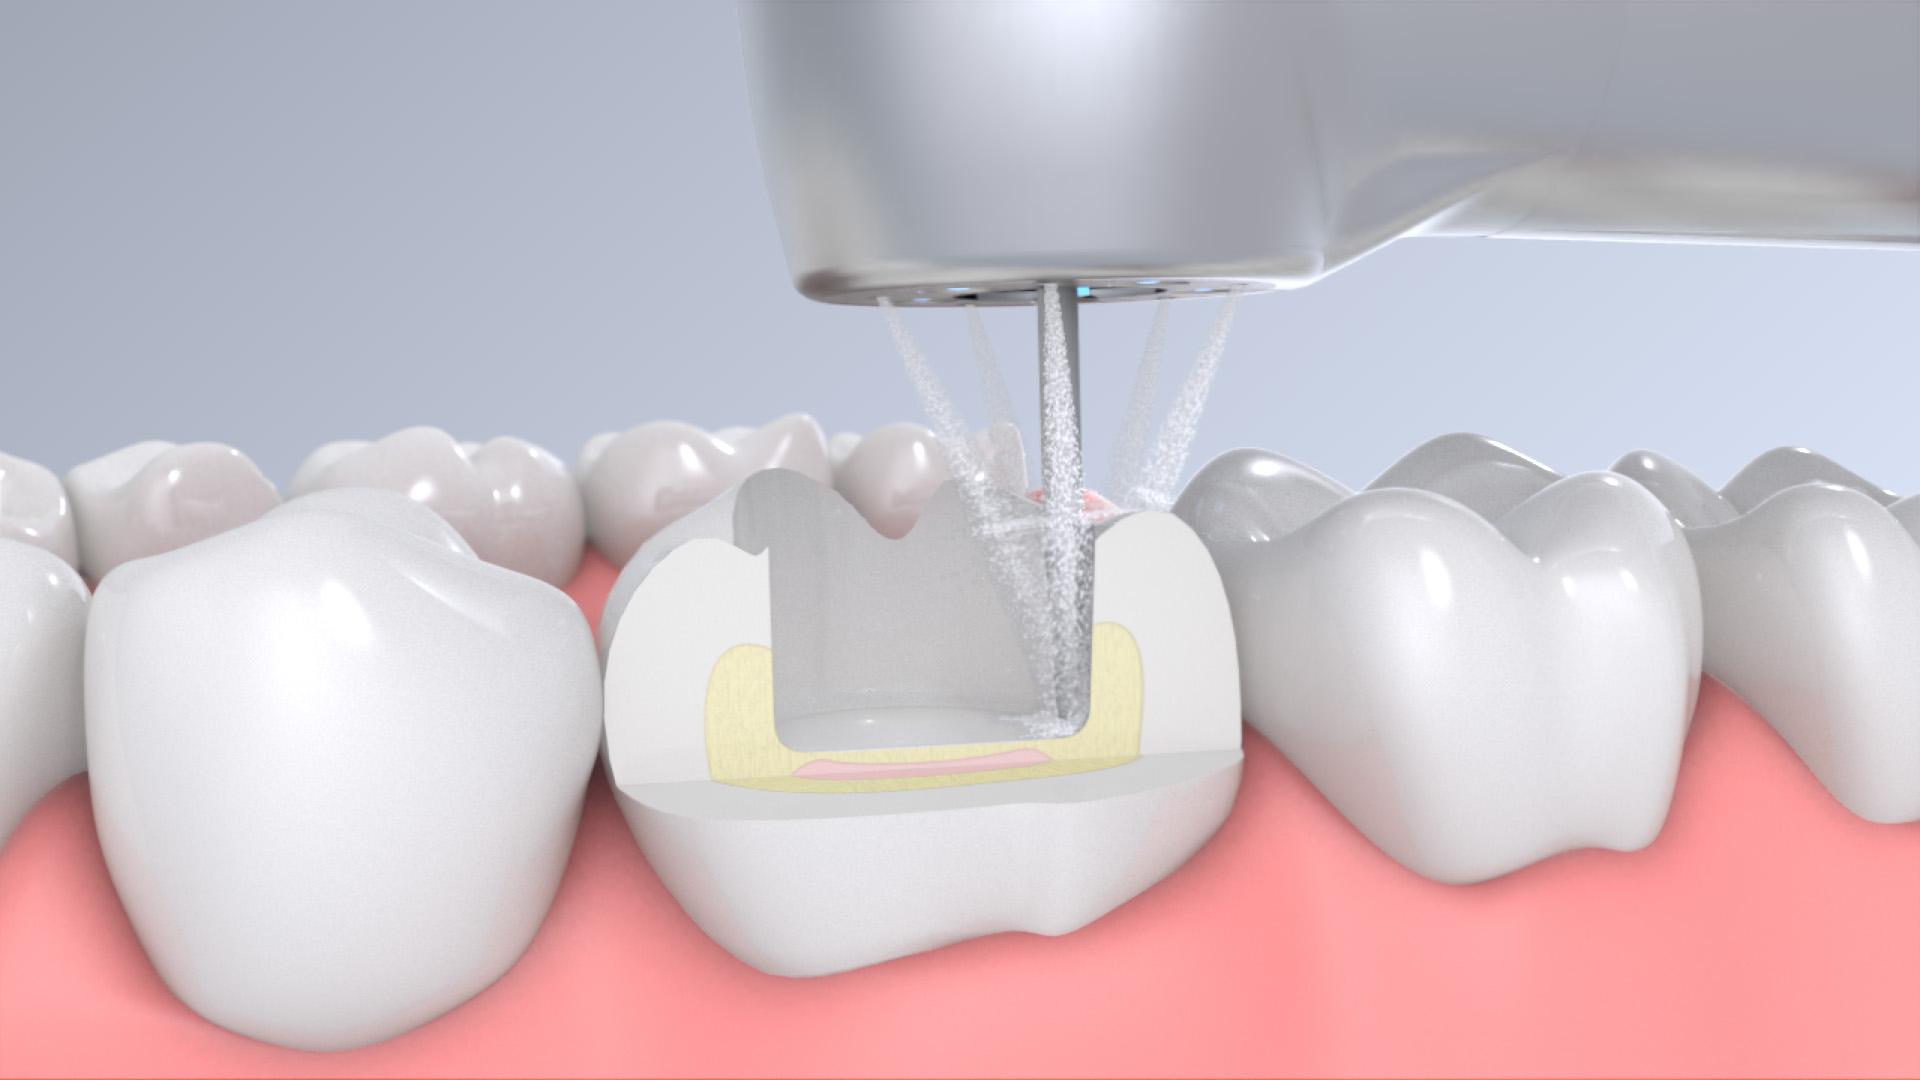 Welchen Zweck hat der Wasserspray in dentalen Schnelllaufwinkelstücken?